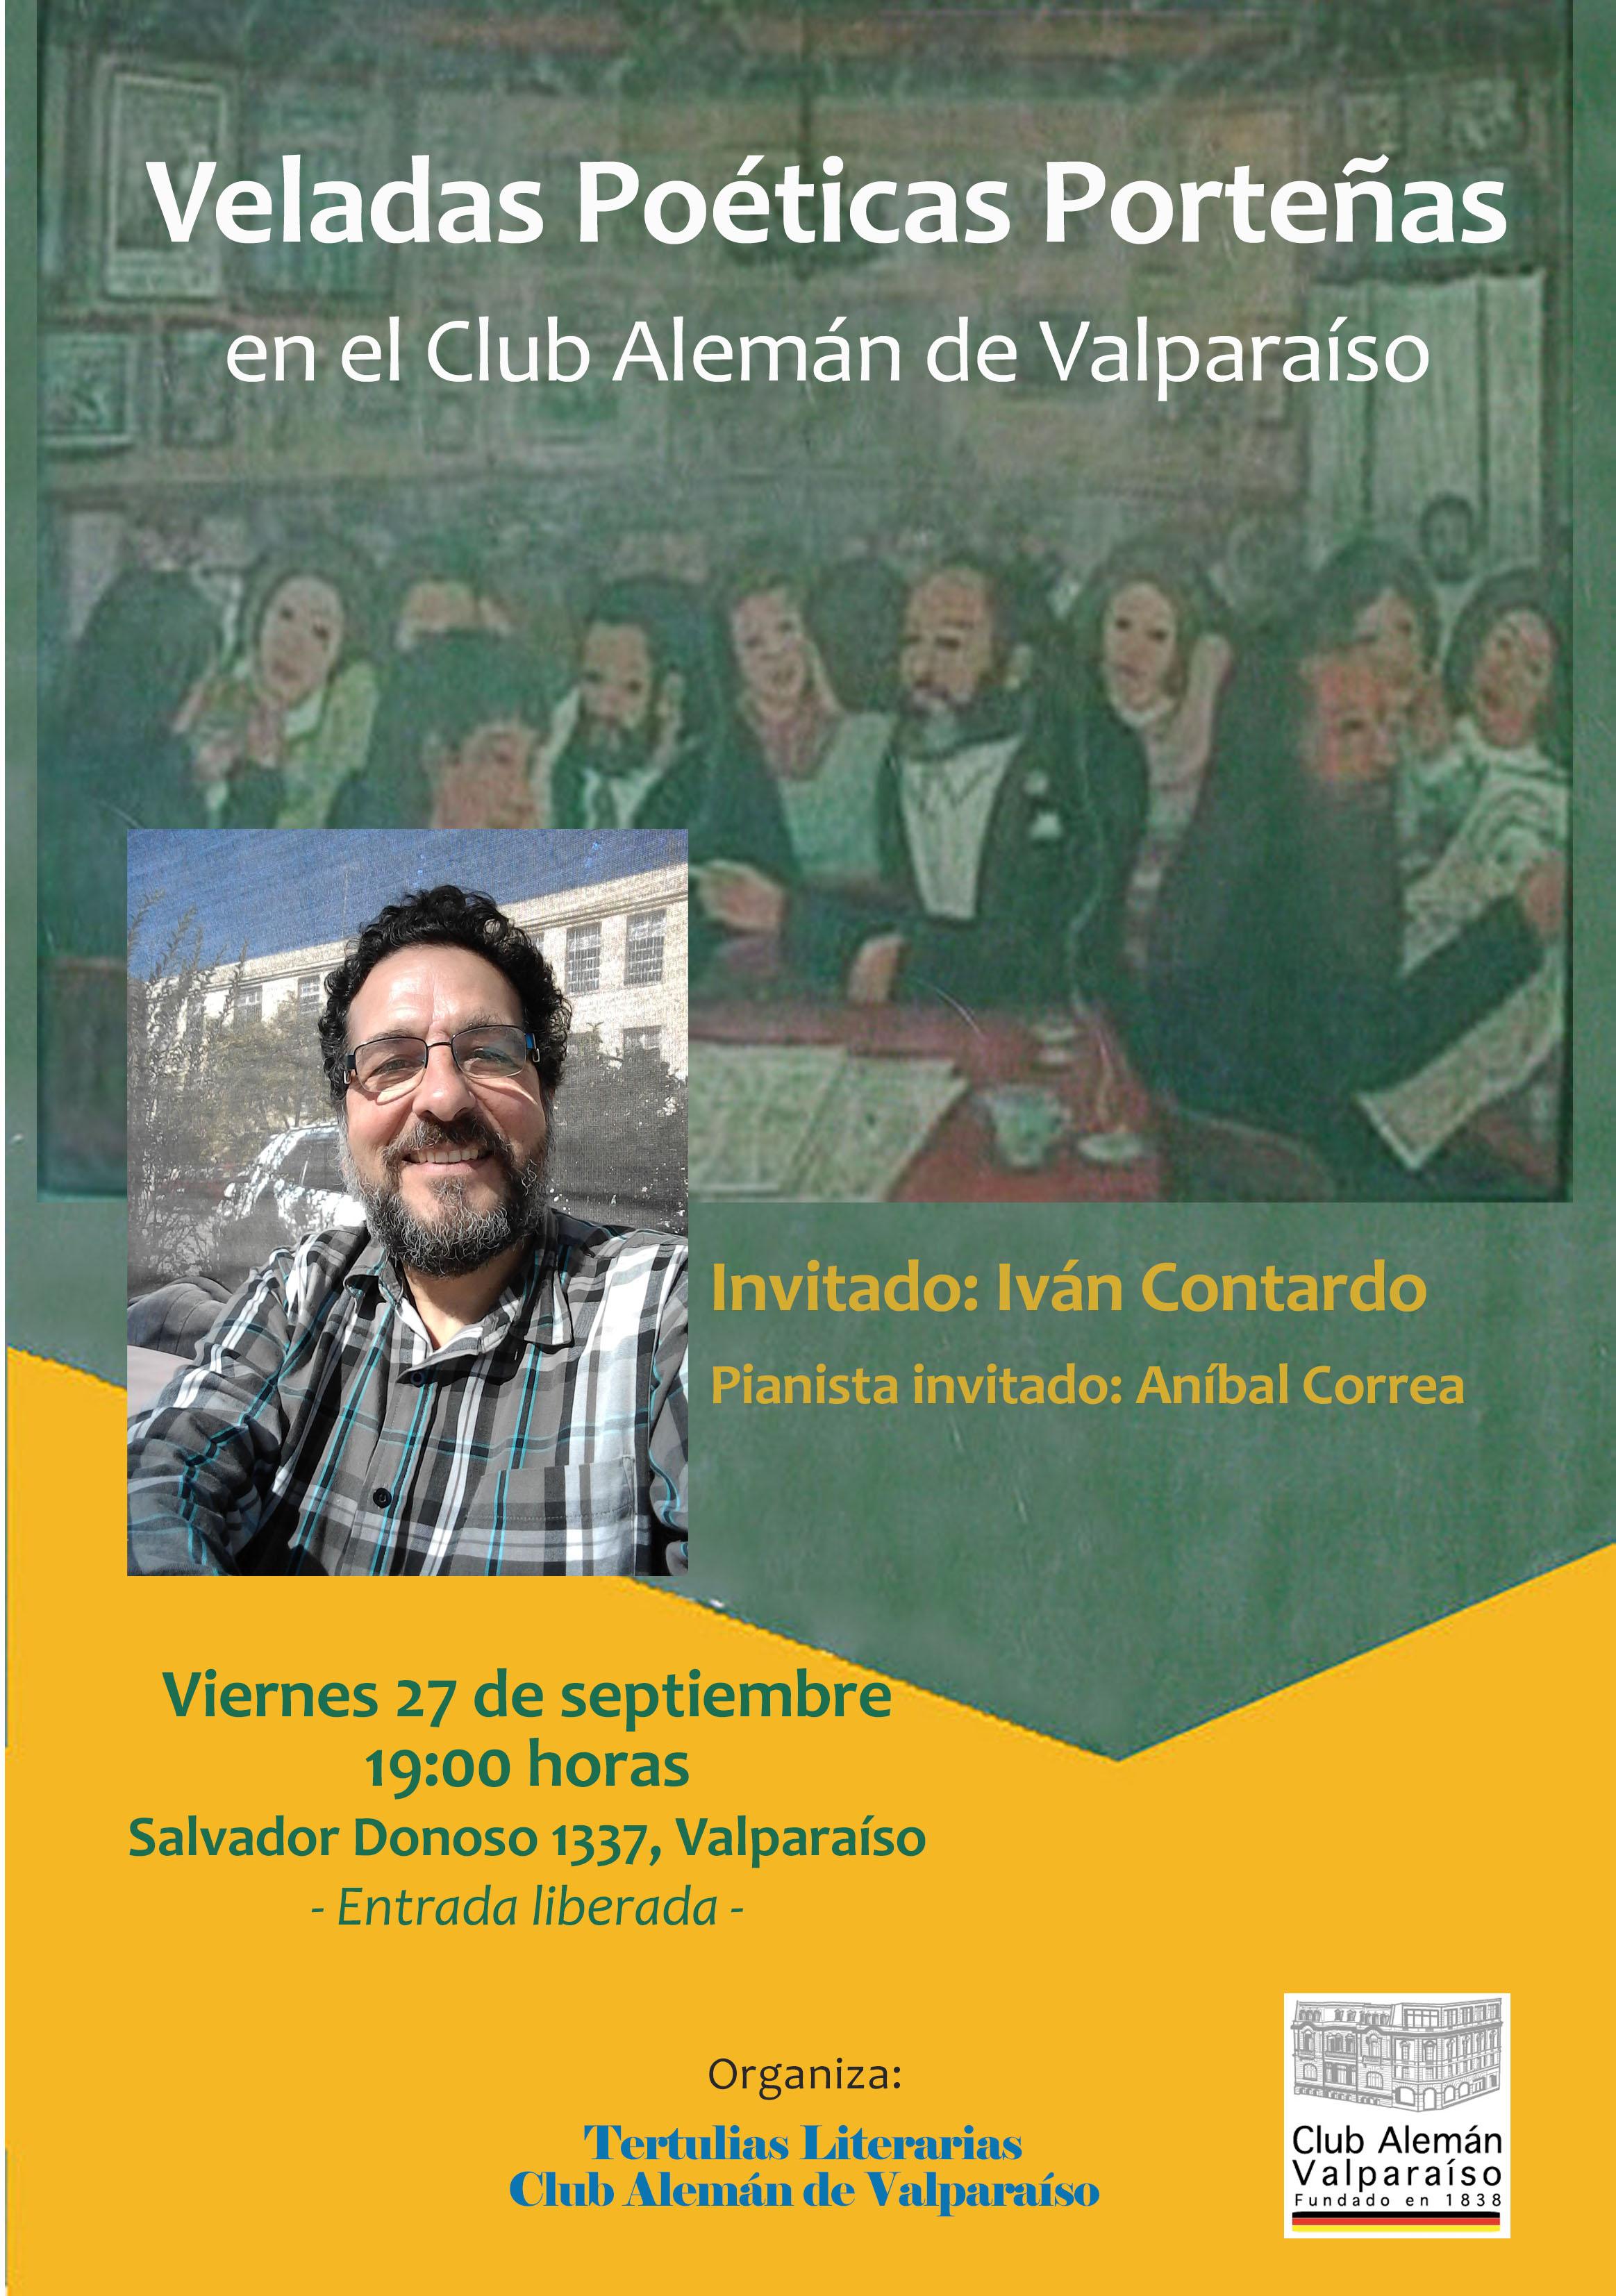 Veladas Poéticas Porteñas – Invitado: Iván Contardo